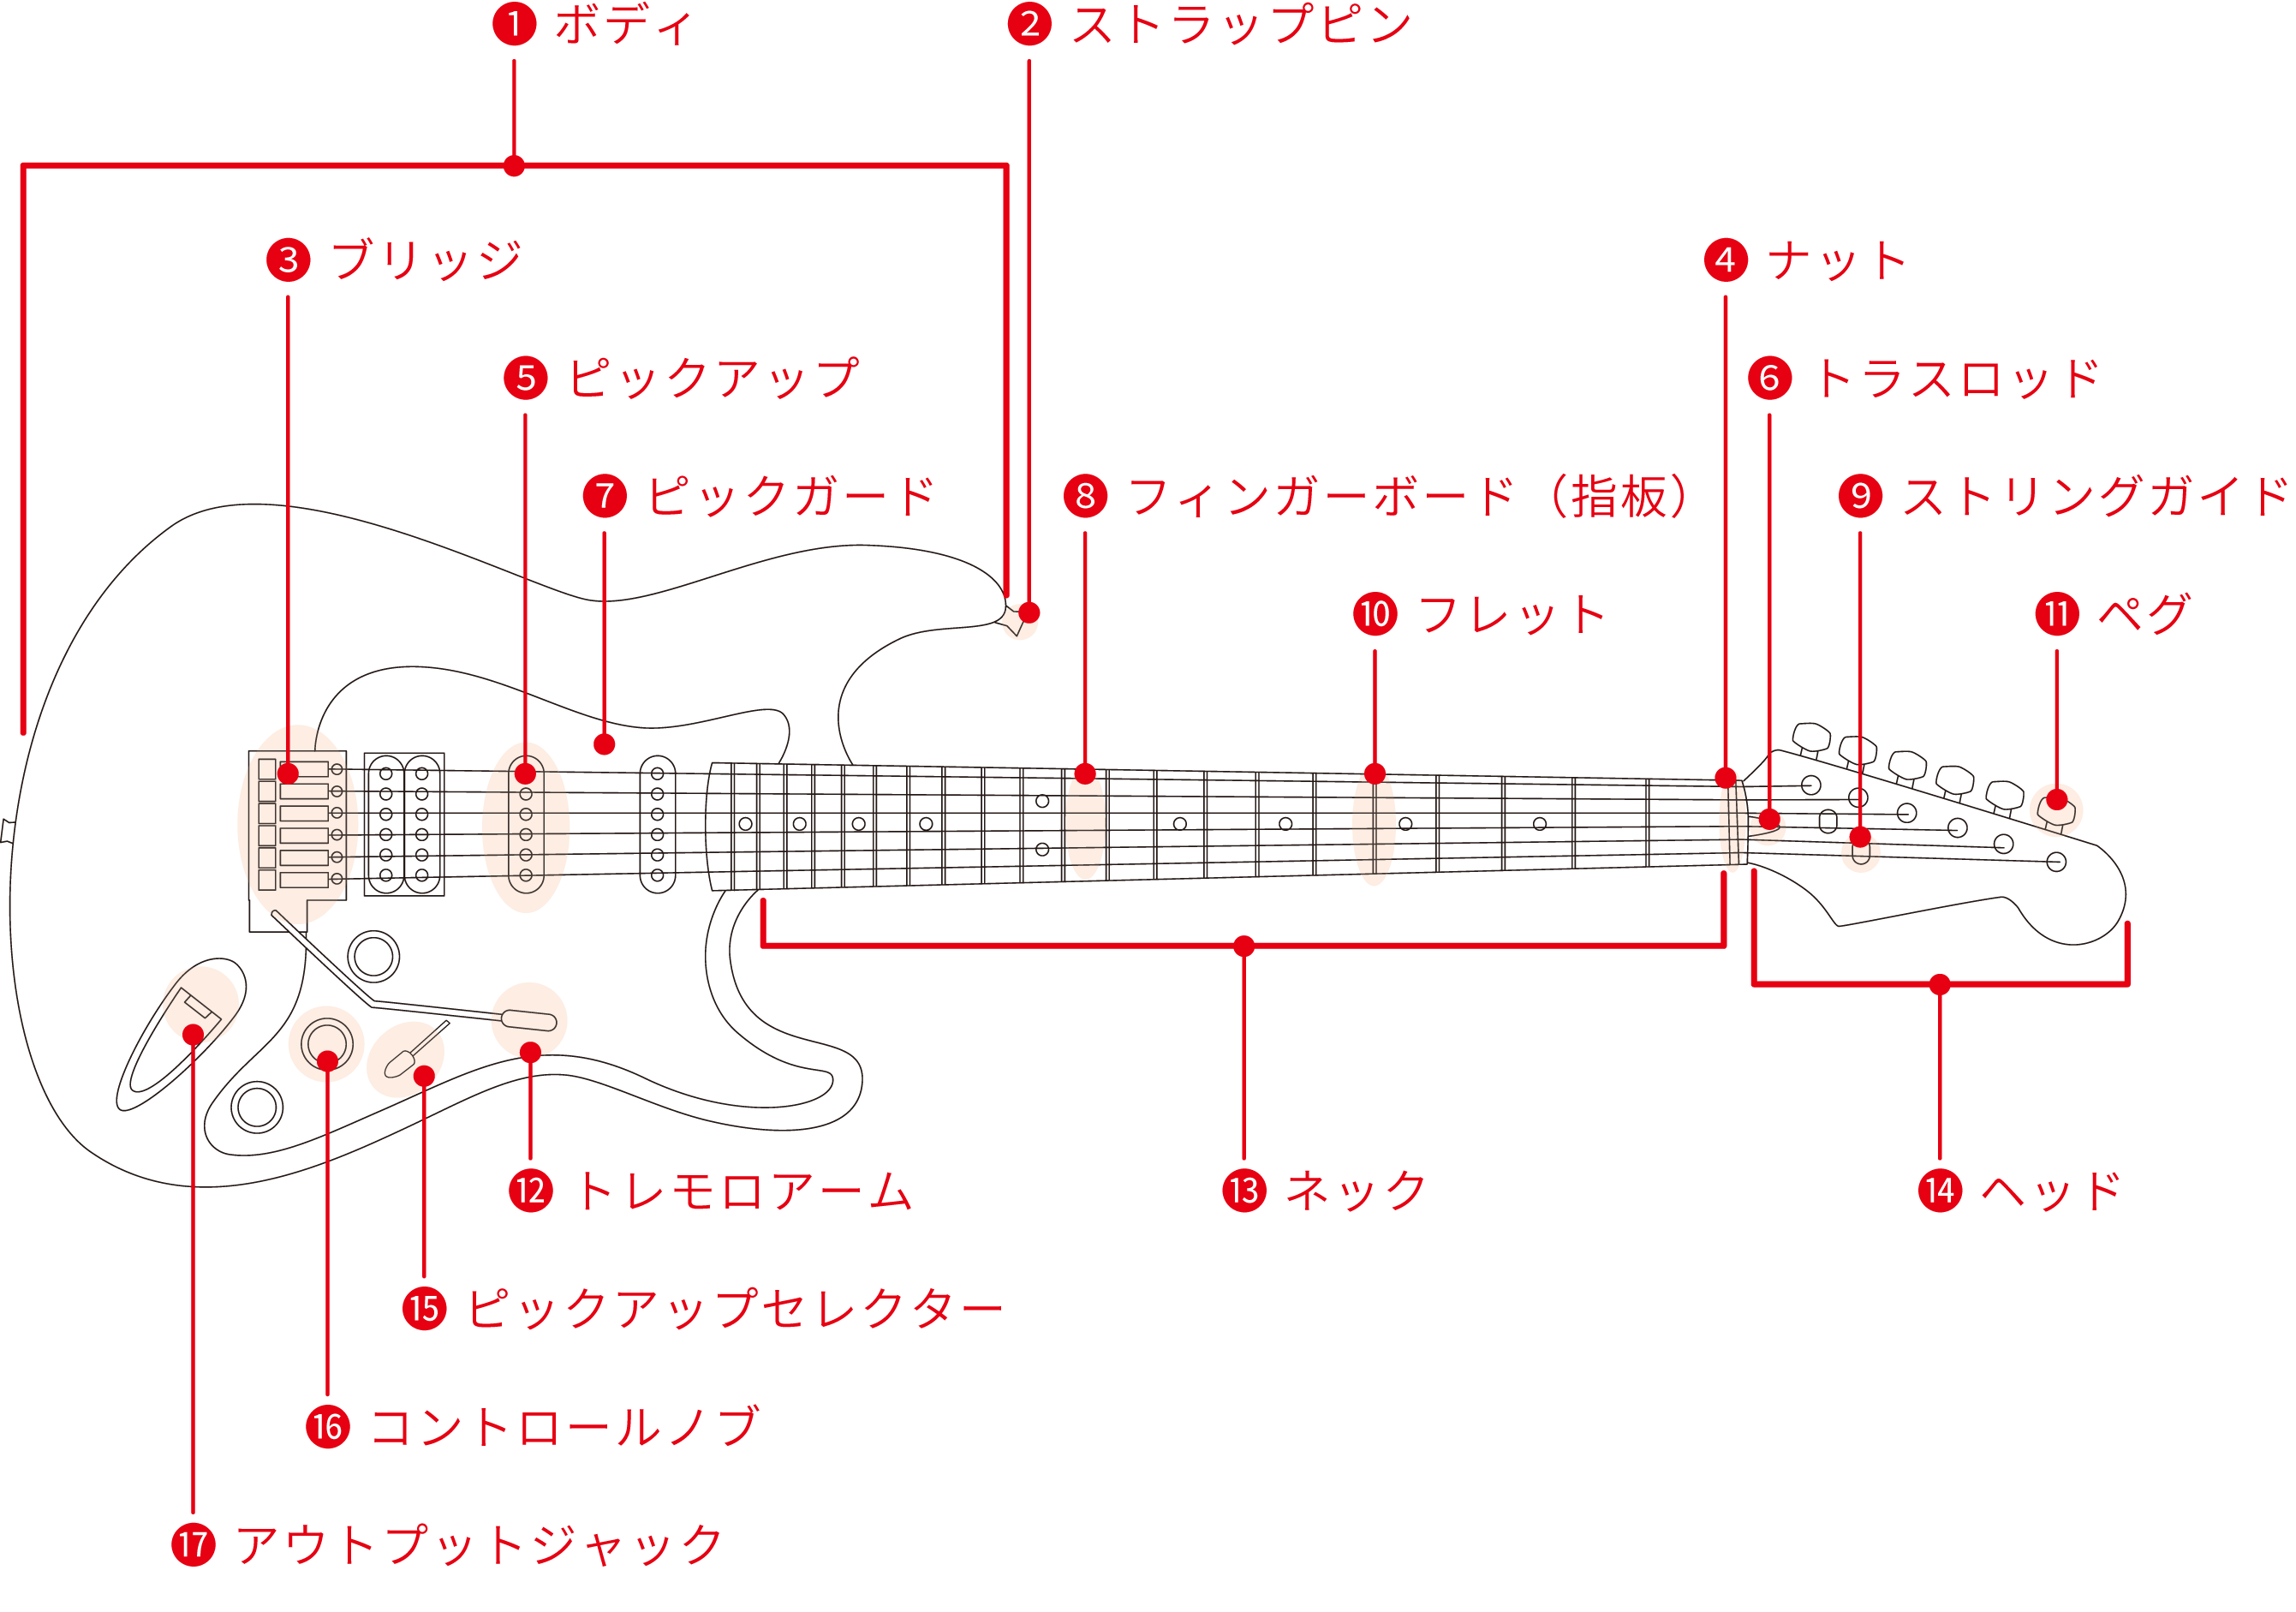 ギター各パーツ「名称」と「役割」